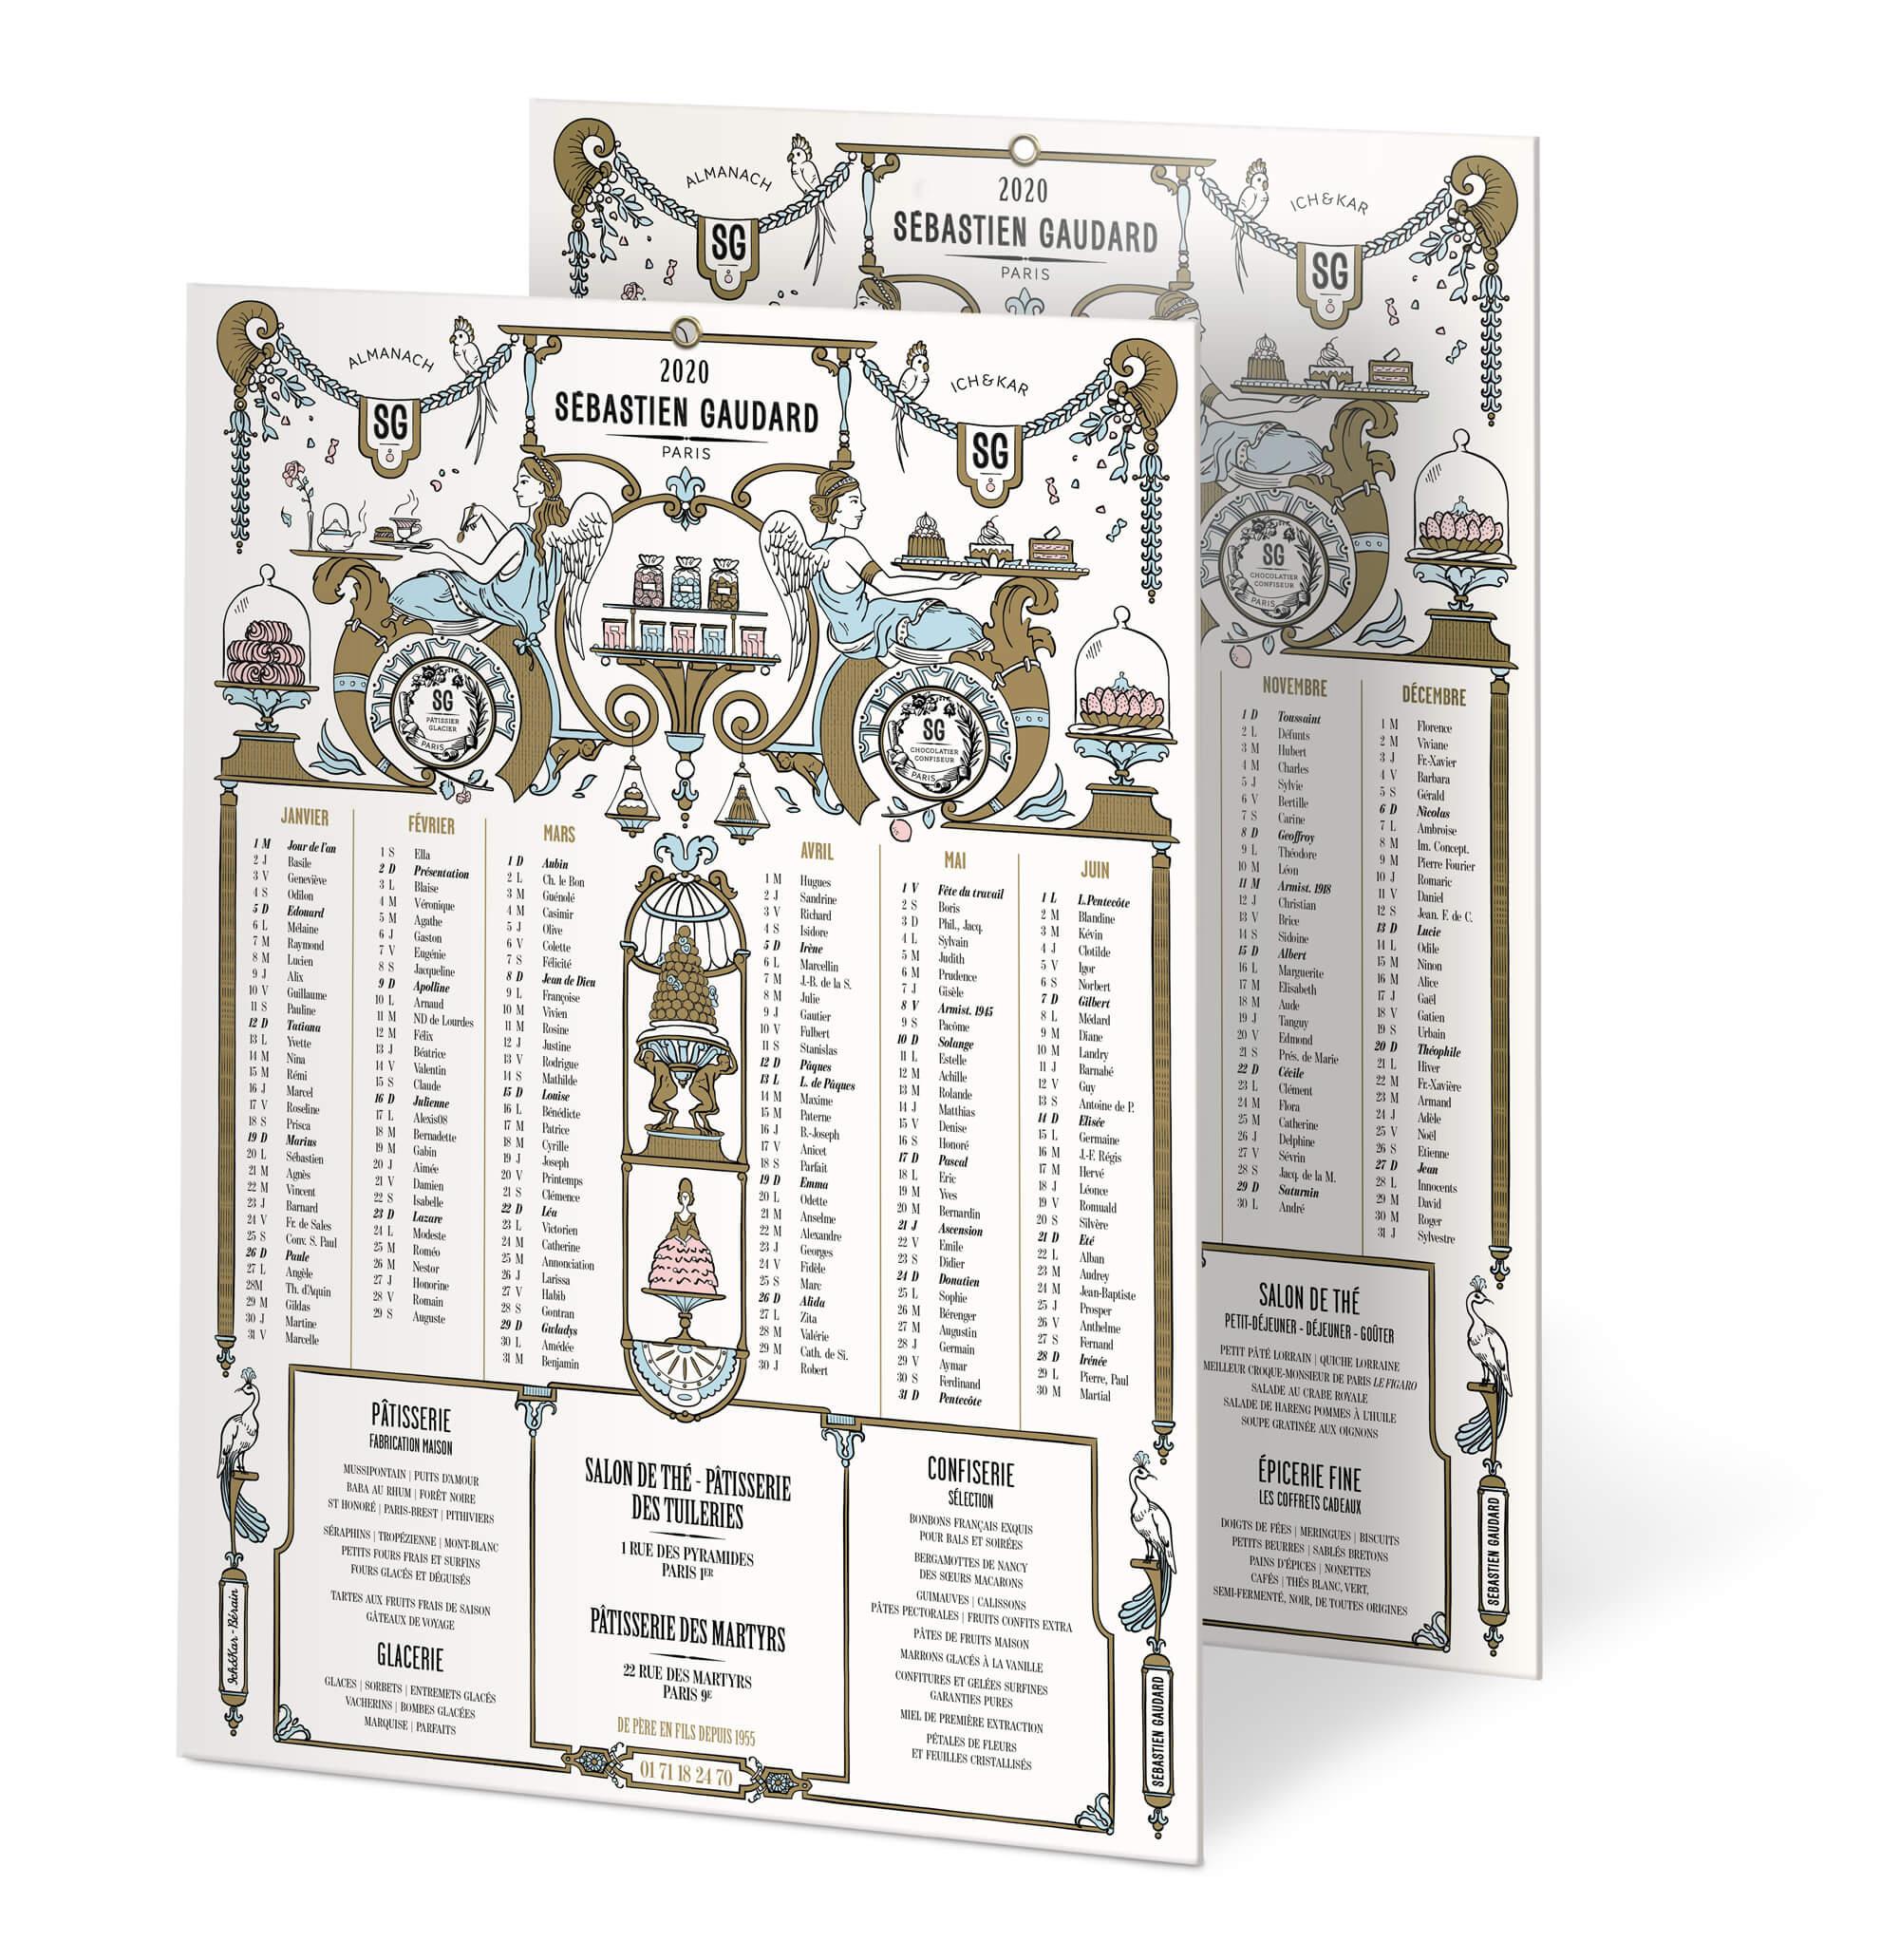 visuel du calendrier 2020 dessiné par le studio IchetKar, les illustrations reprennent des motifs du décorateur bérain… pour le patissier Sébastien Gaudard Paris